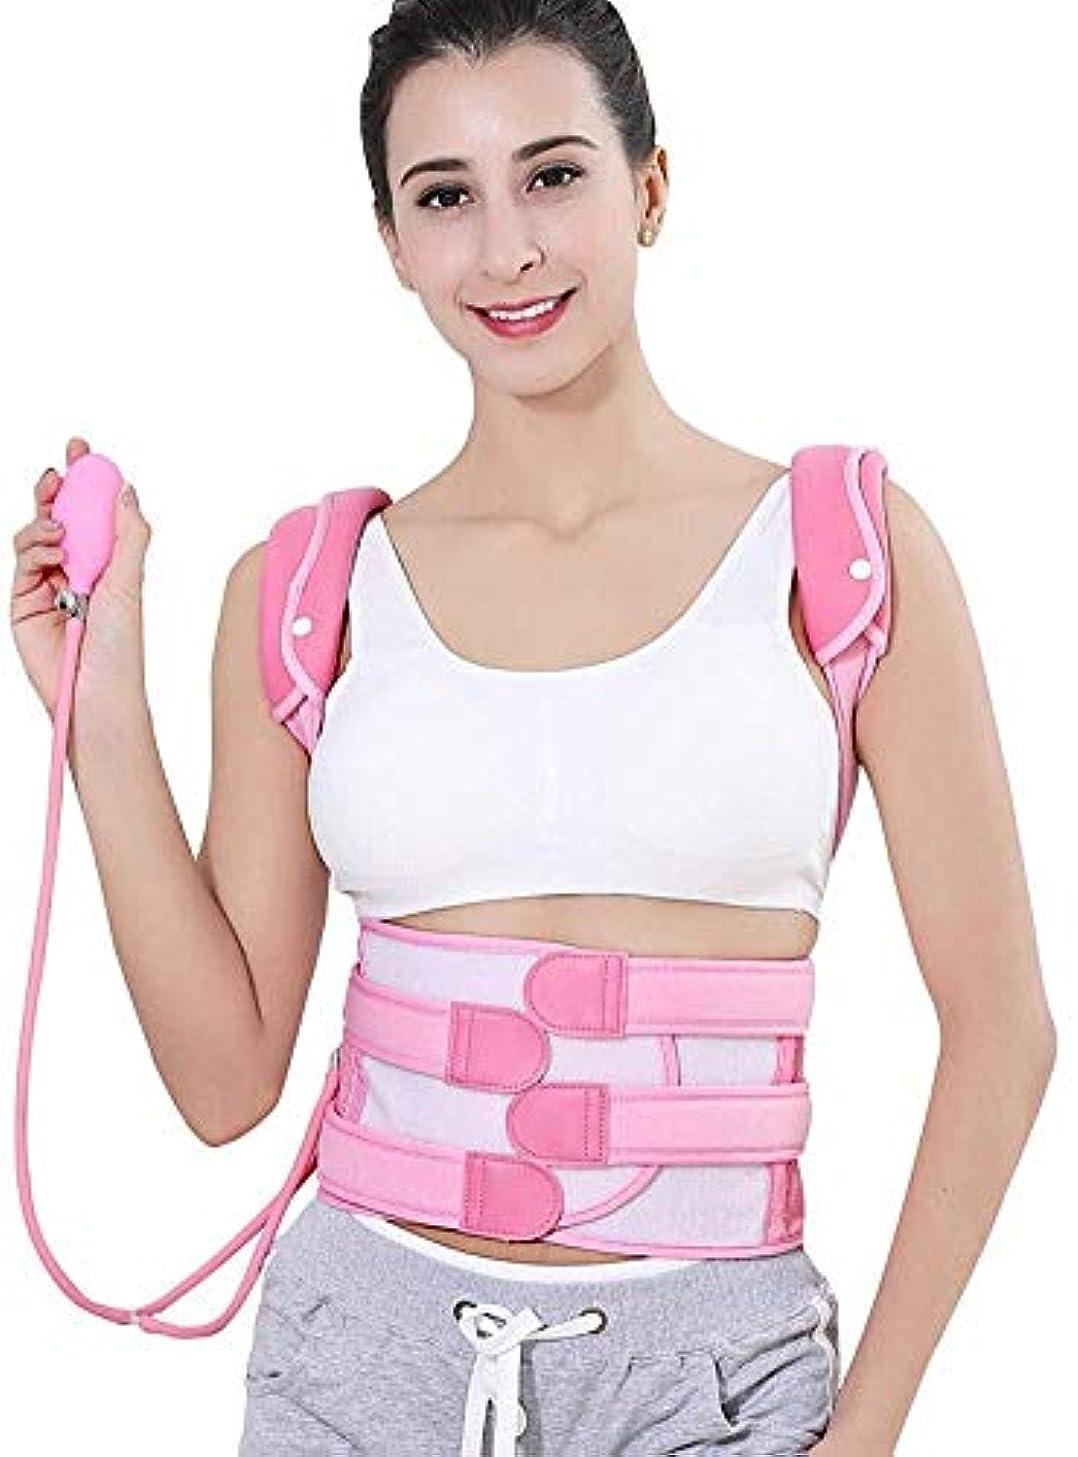 貧しい櫛トレイユニセックス用の 姿勢補正器で調整可能なフルバックブレース腰椎サポートベルトにより、姿勢不良、空気圧が改善(色:ピンク、サイズ:S)